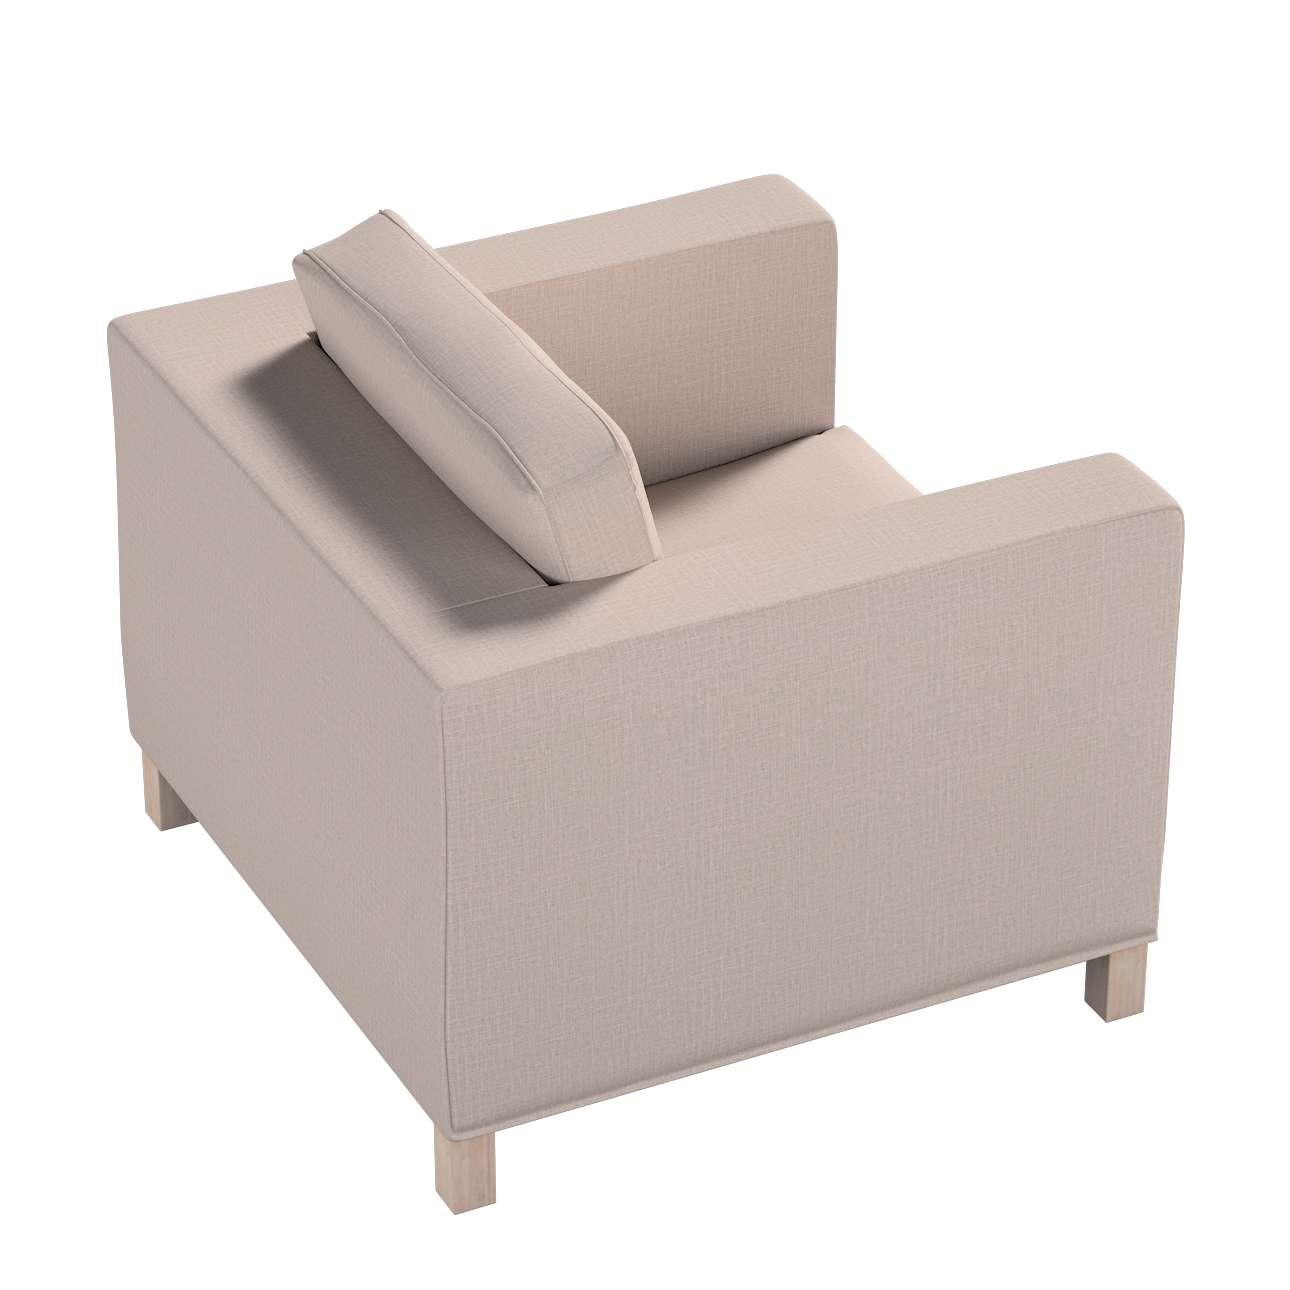 Karlanda päällinen nojatuoli, lyhyt mallistosta Living 2, Kangas: 160-85